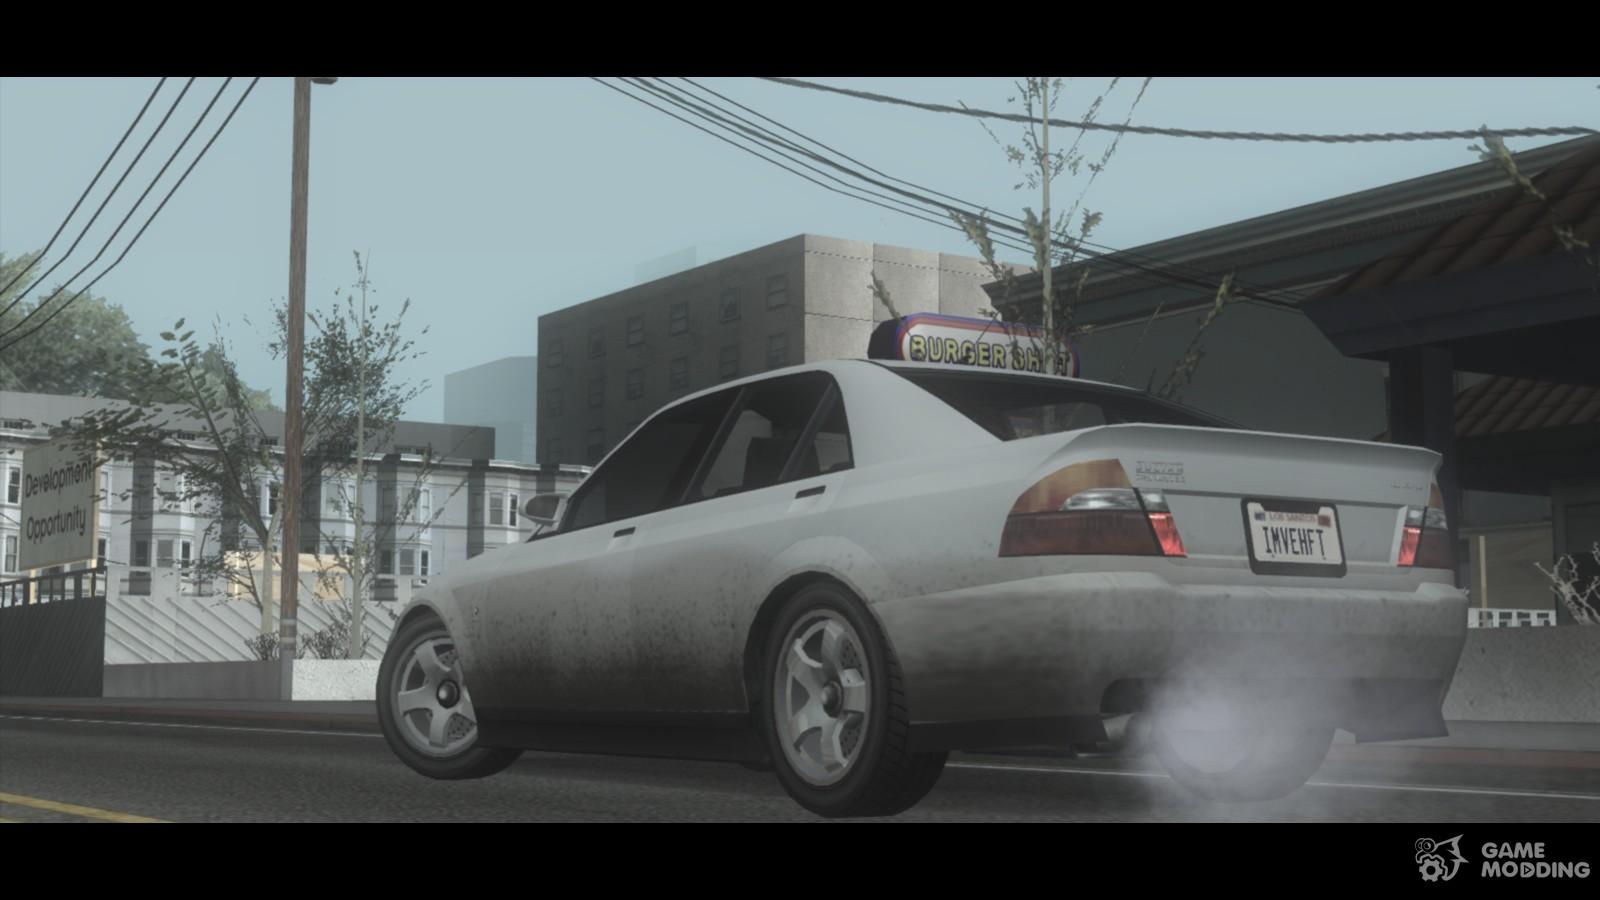 GTA IV Original Graphics Mod v4 0 (SA-MP Edition) for GTA